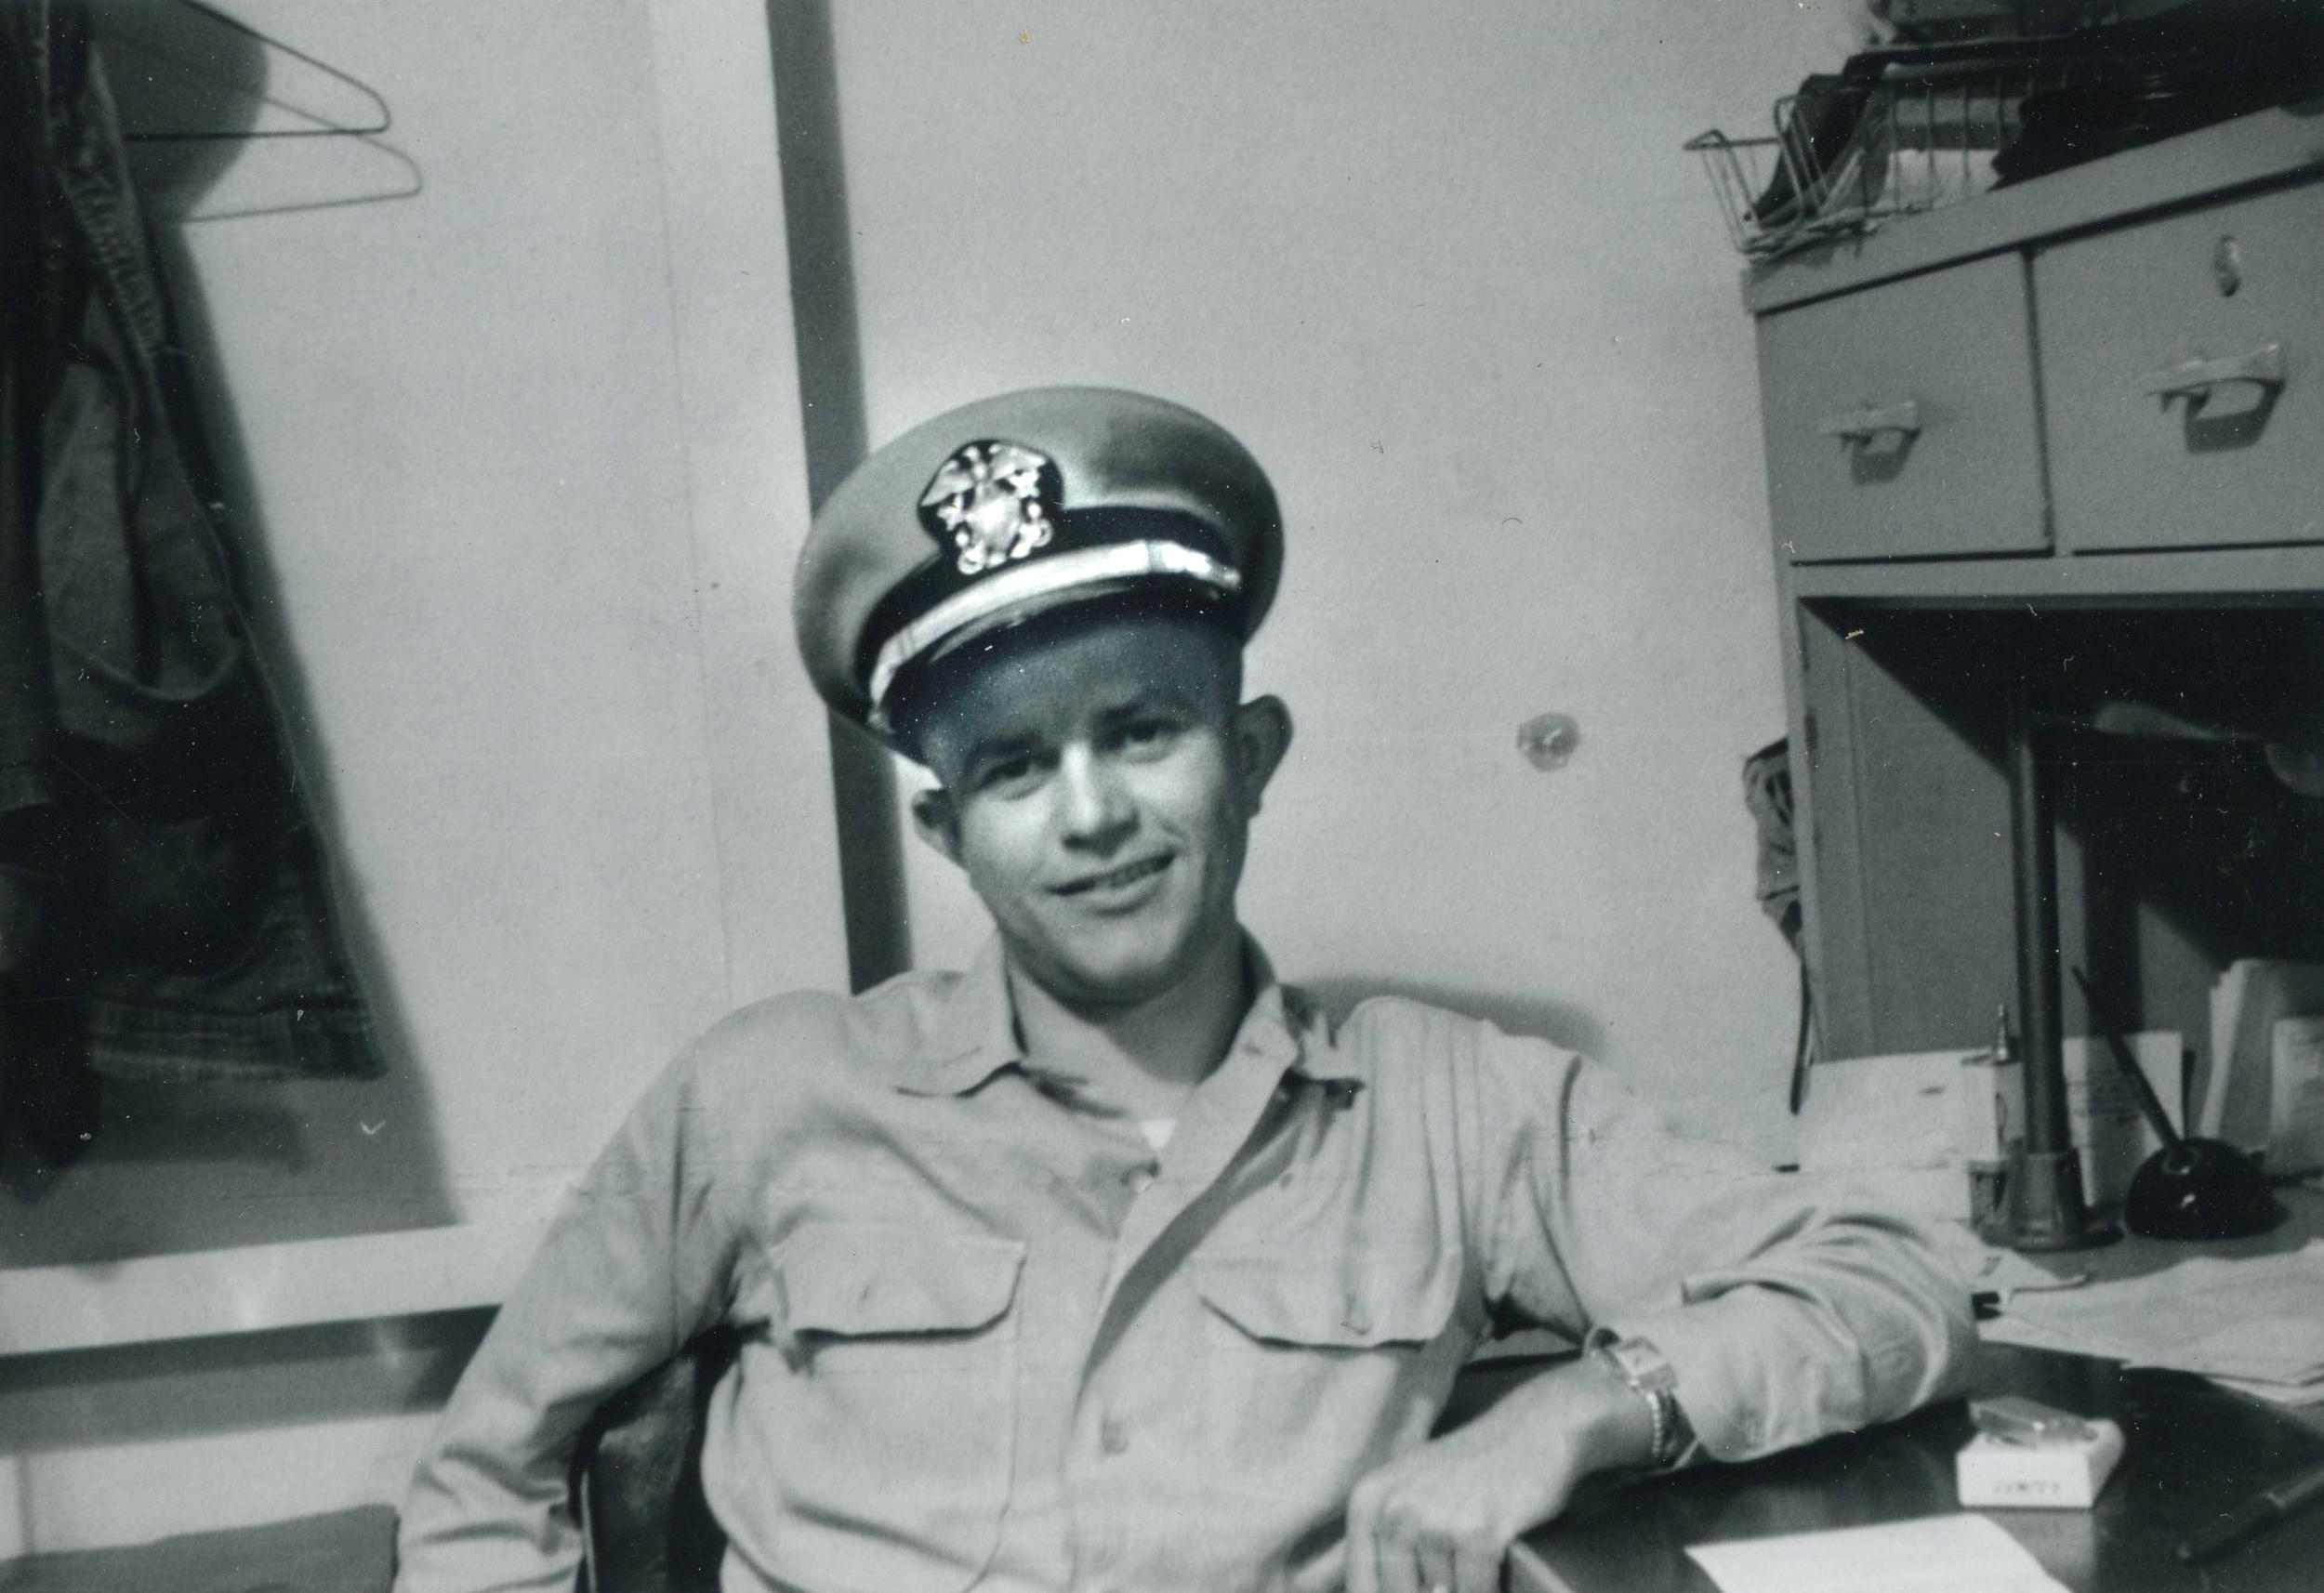 Lt. Robert Morgan